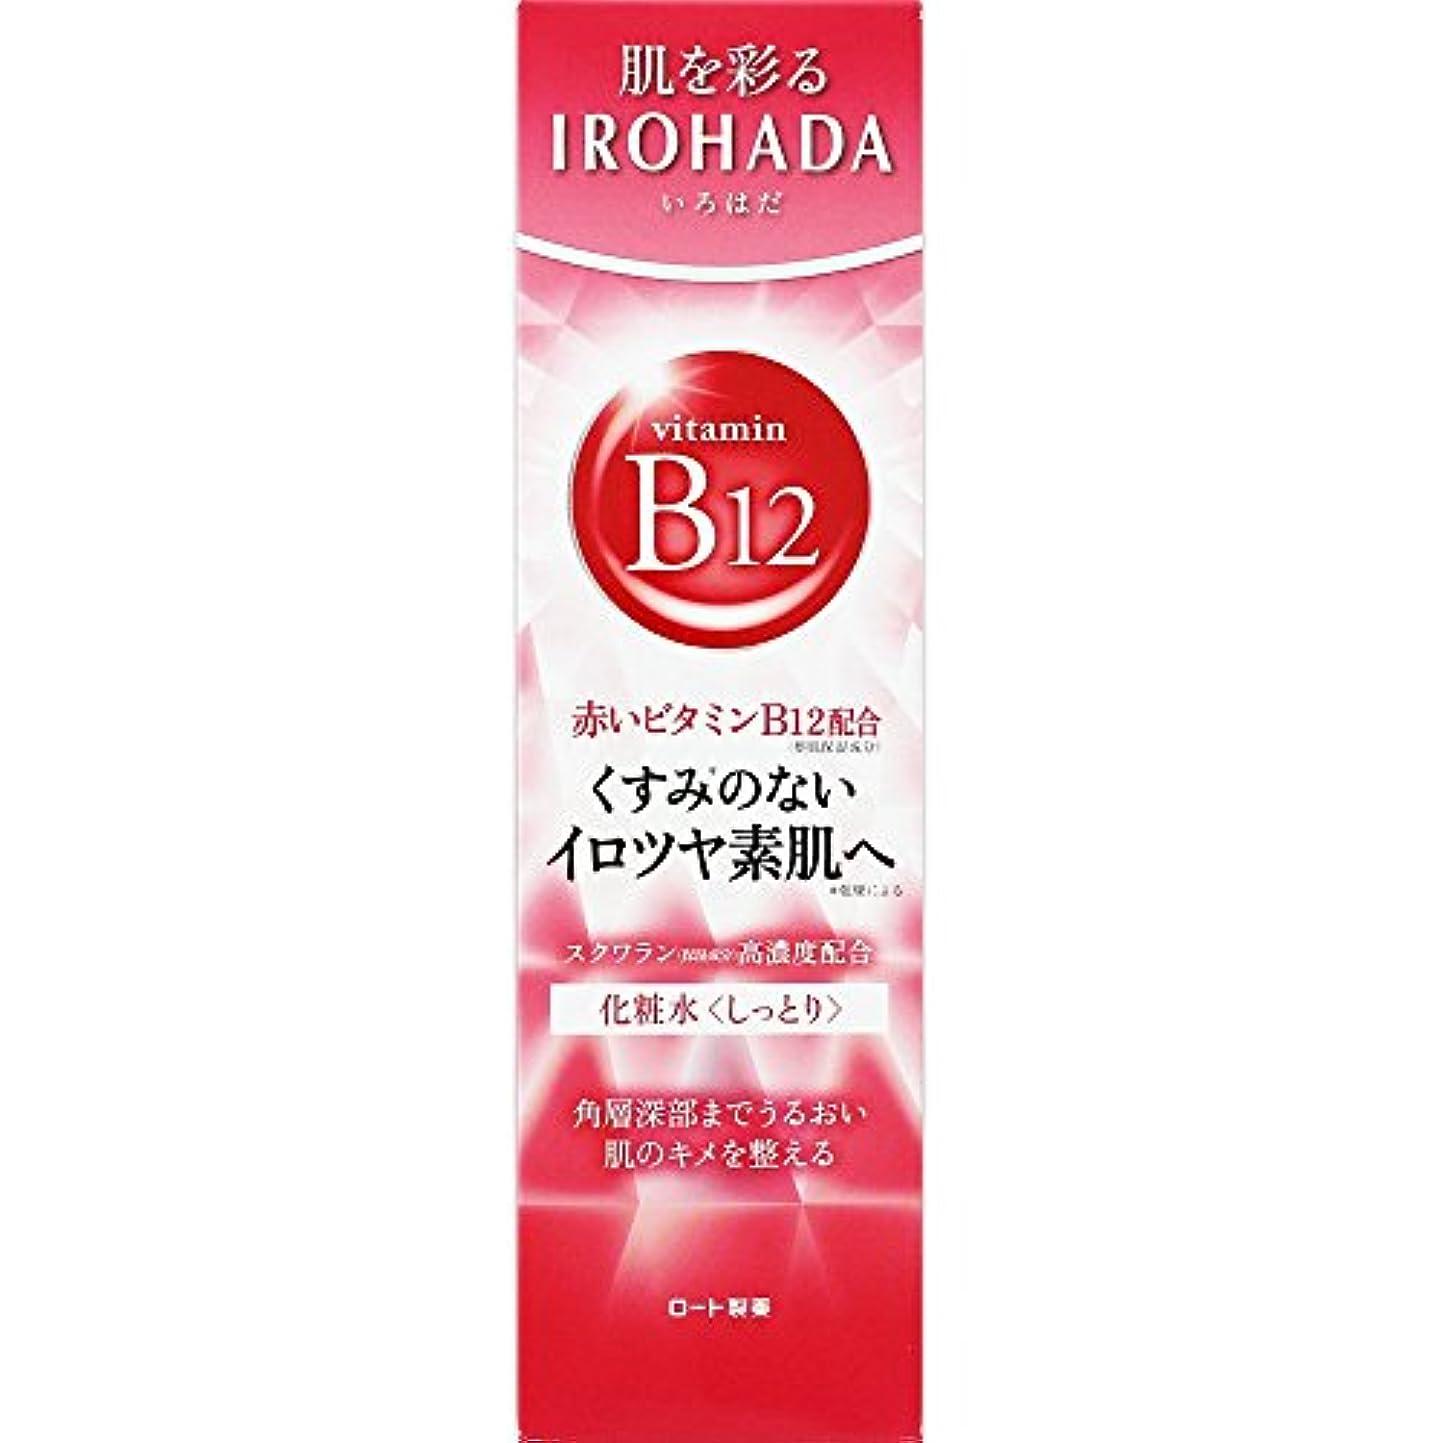 突き出すカートン違うロート製薬 いろはだ (IROHADA) 赤いビタミンB12×スクワラン配合 化粧水しっとり 160ml